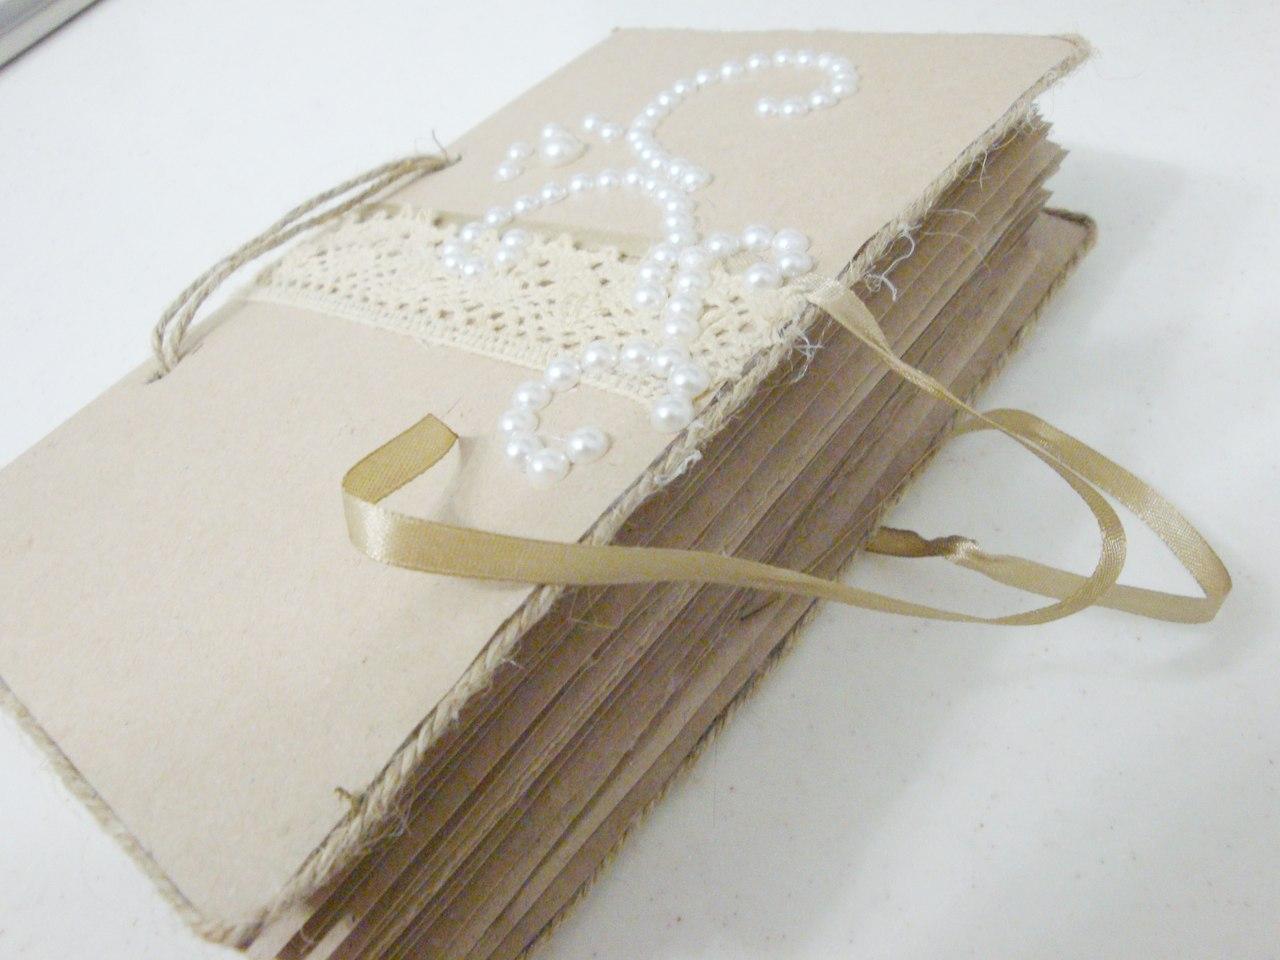 Фото в фотоальбоме Свадебная атрибутика от Мастерская креативных праздников на Невеста.info